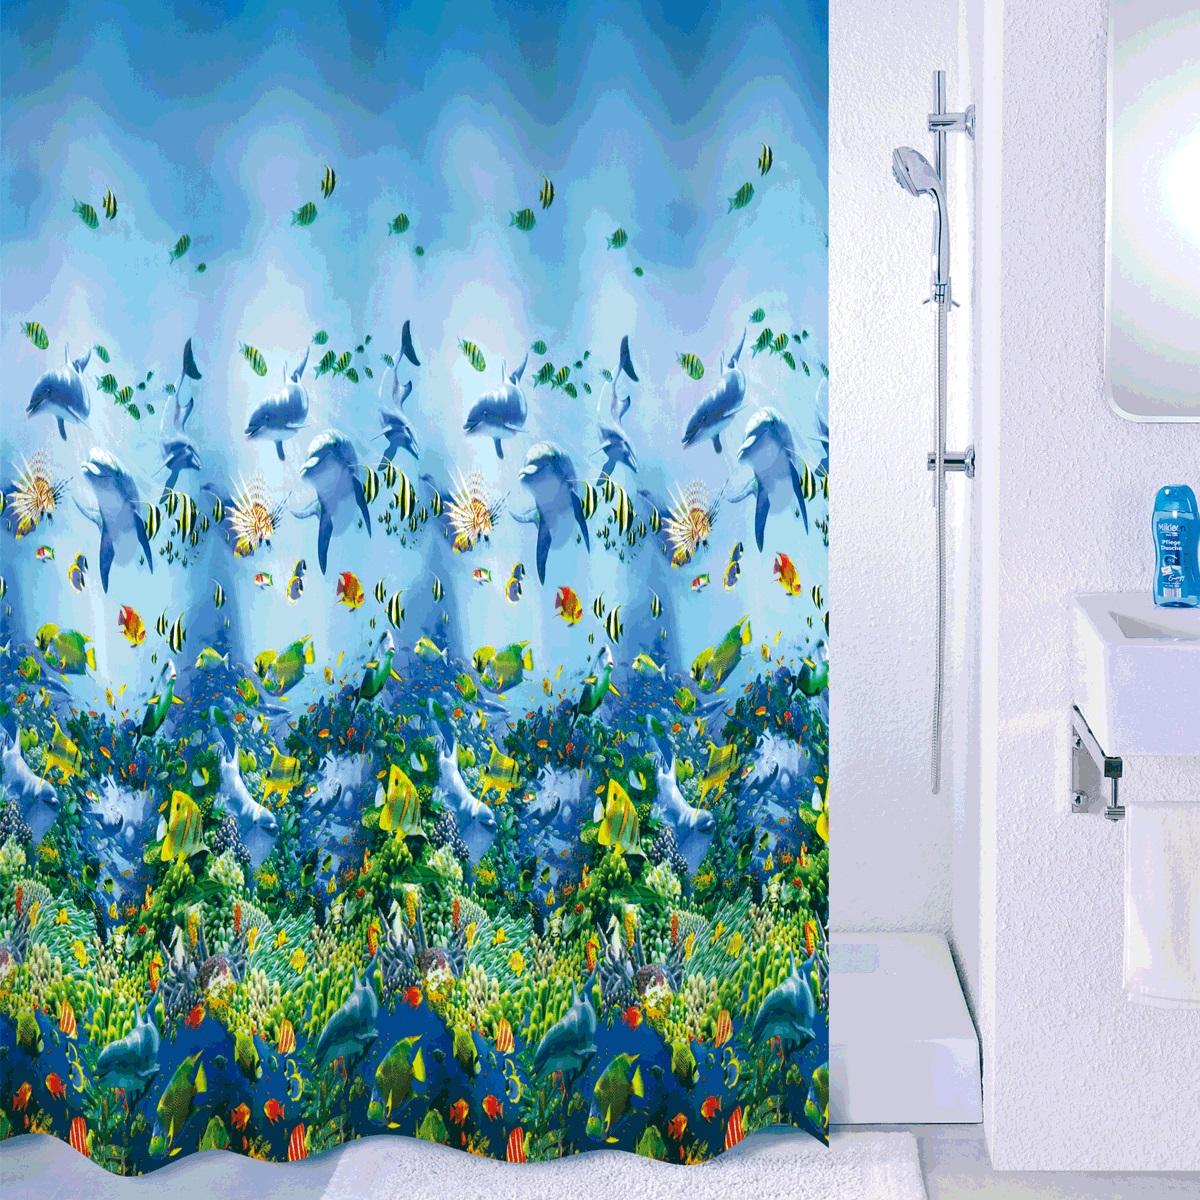 Штора для ванной Milardo Sea Life, цвет: голубой, 180 x 180 см526V180M11Штора для ванной Milardo Sea Life, изготовленная из Peva - водонепроницаемого, мягкого на ощупь и прочного материала, идеально защищает ваннуюкомнату от брызг. В верхней кромке шторы предусмотрены металлические отверстия для колец (входят в комплект).Штора Milardo Sea Life порадует вас своим ярким дизайном и добавит уюта в ванную комнату. Количество колец: 12 шт.